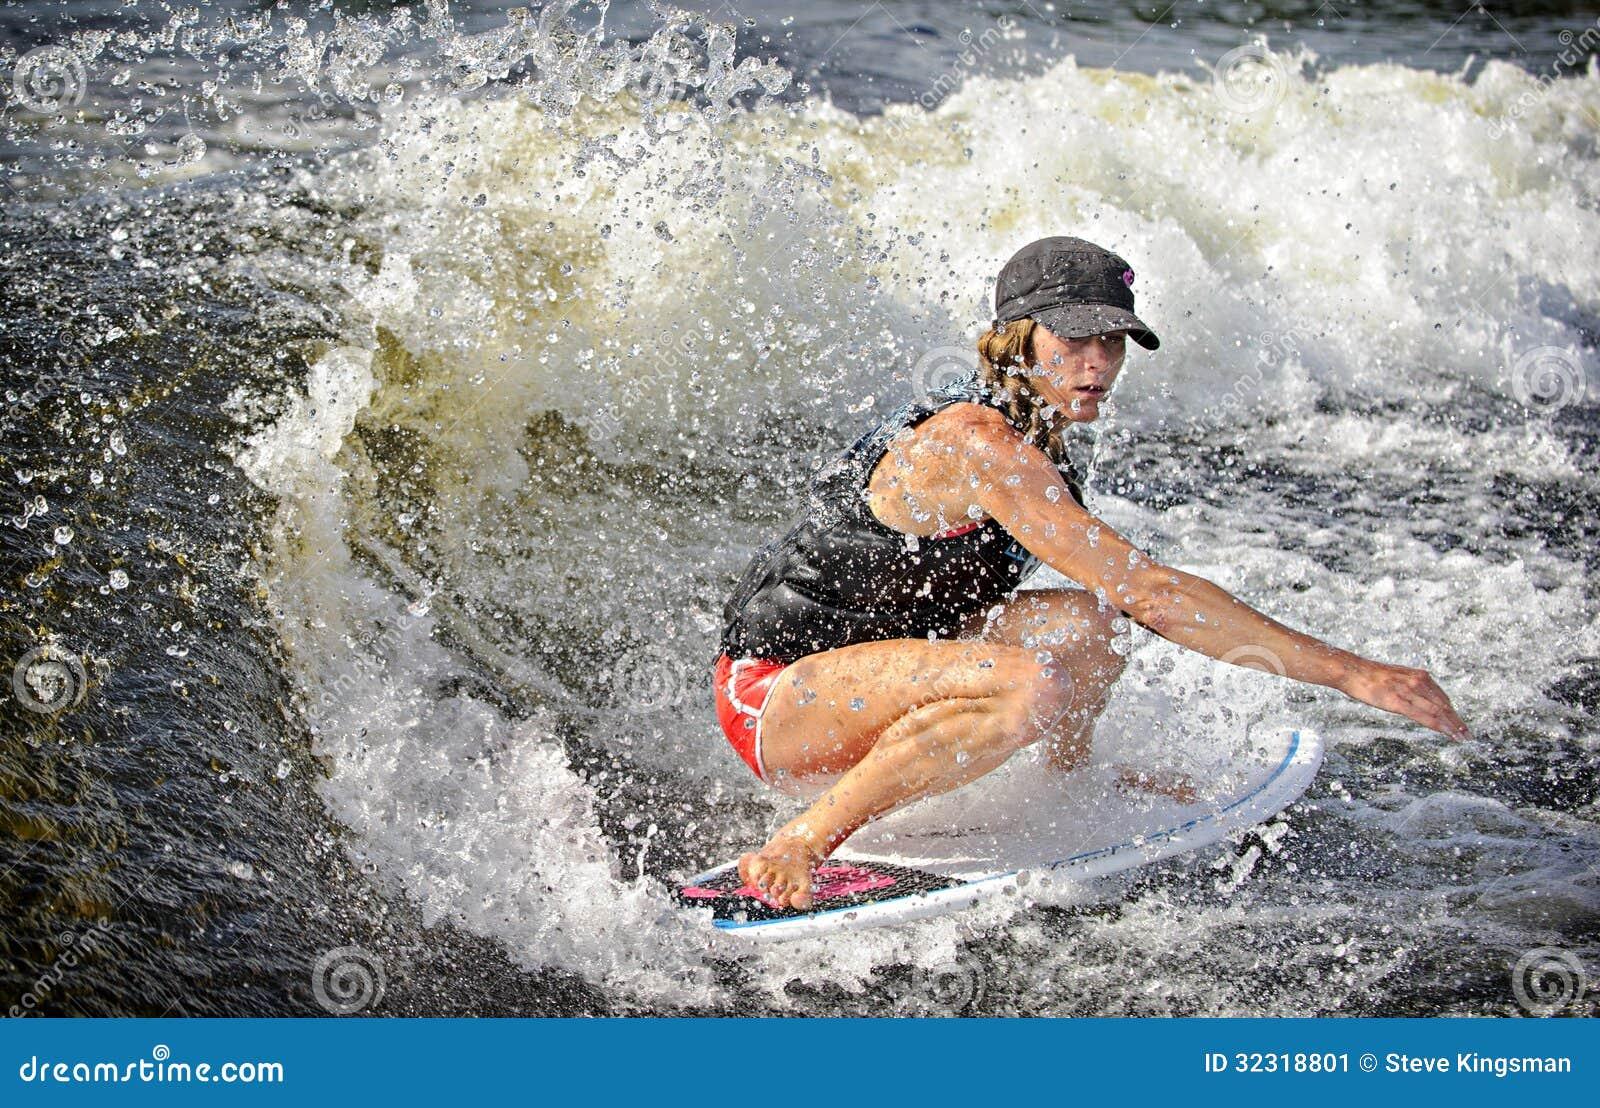 Surfer de sillage